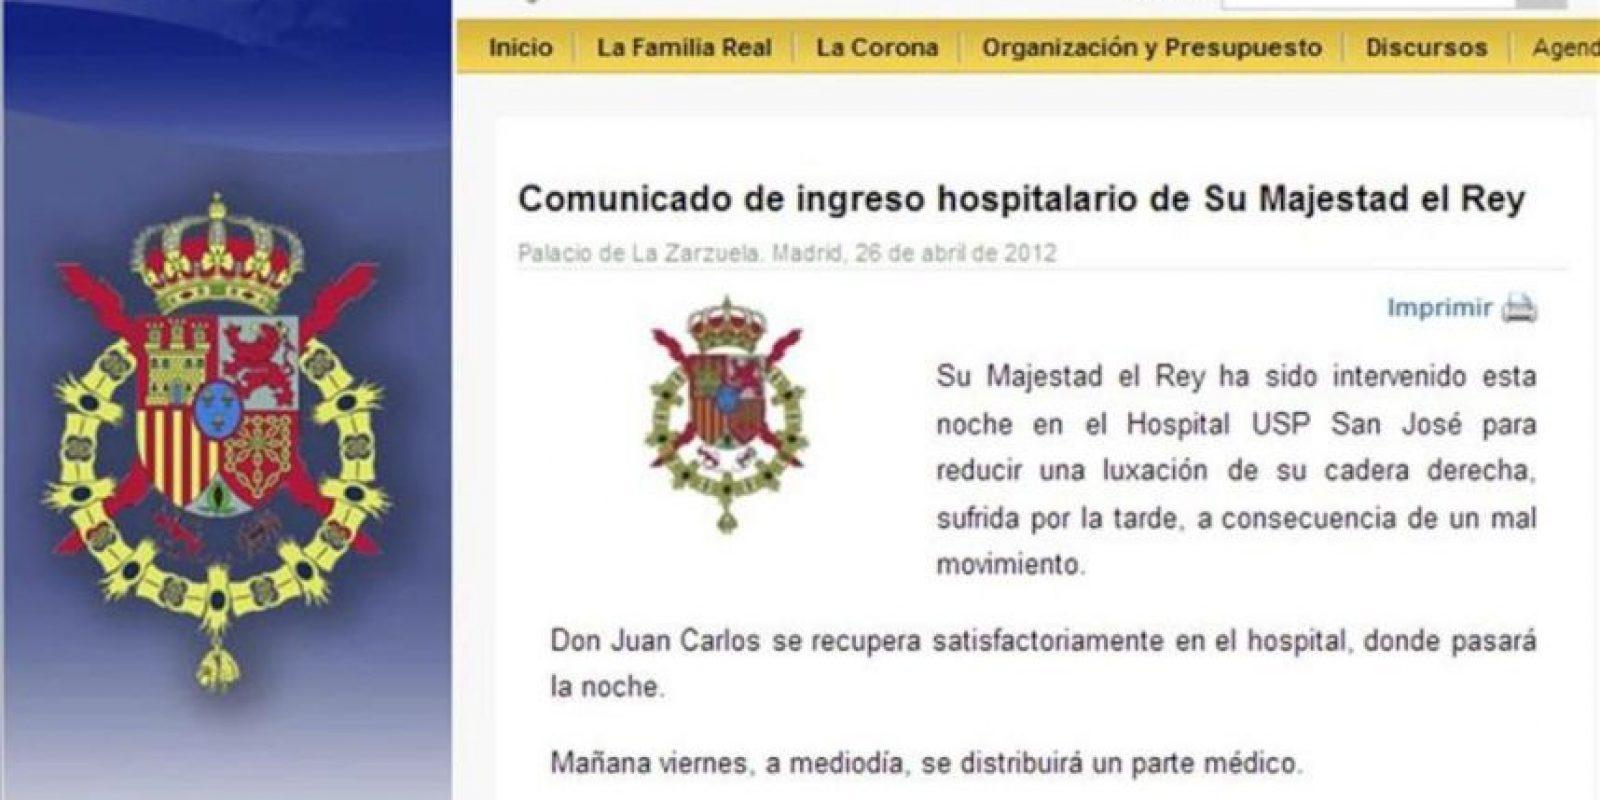 """Imagen del comunicado ofrecido por la Casa Real en su página web en el que informa que el rey Juan Carlos ha sido intervenido esta noche para """"reducir una luxación"""" de la cadera derecha, en la que se le implantó la prótesis. EFE"""